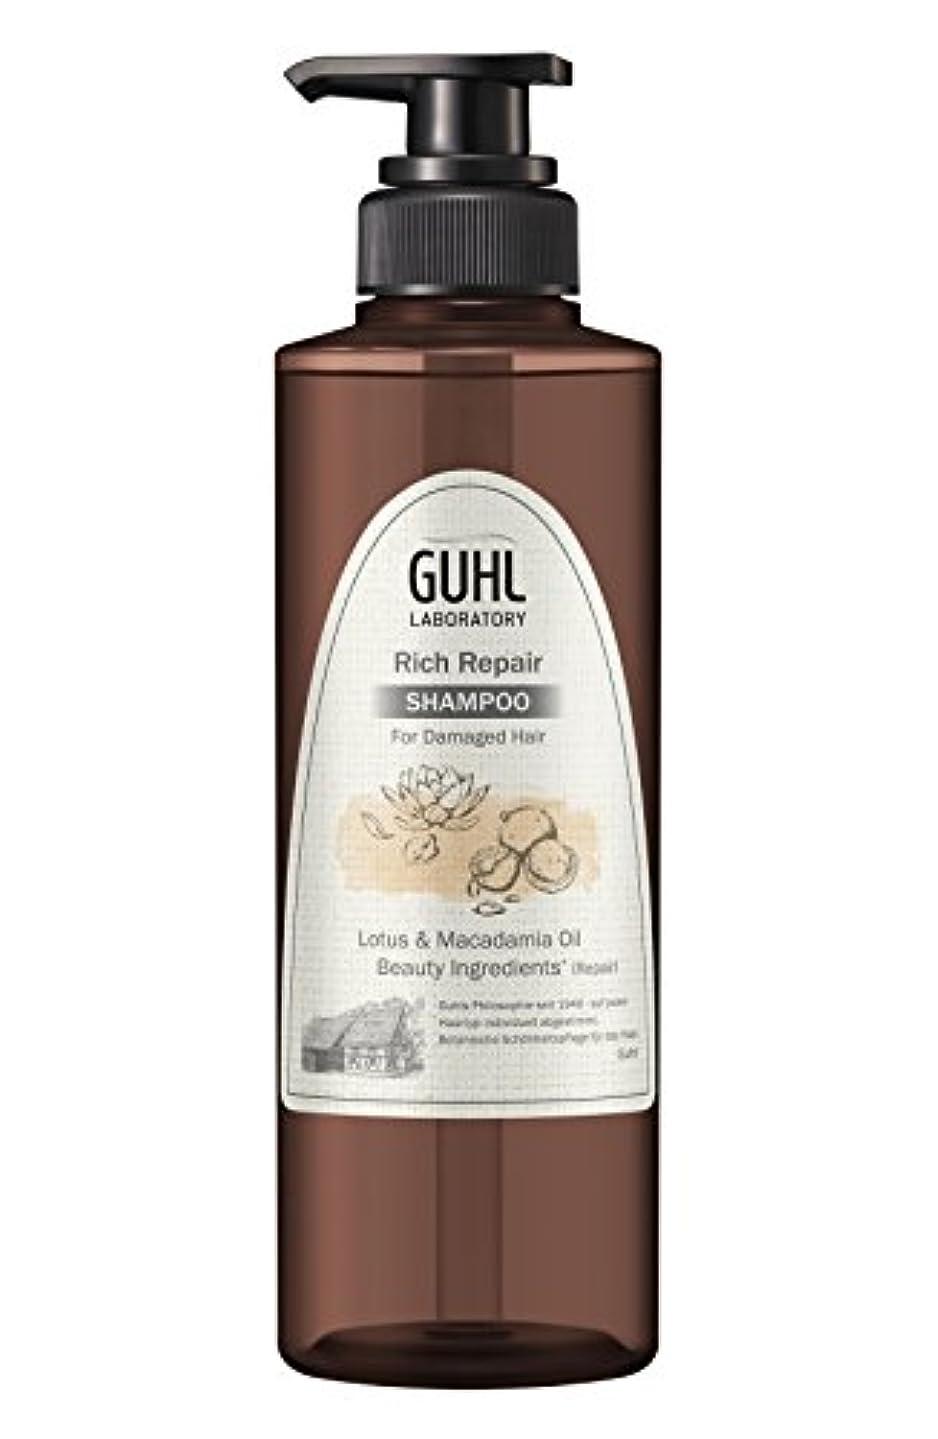 インシュレータ解明アンペアグール ラボラトリー シャンプー (ダメージのある髪へ) 植物美容 ヘアケア [ノンシリコン 処方] リッチリペア 430ml